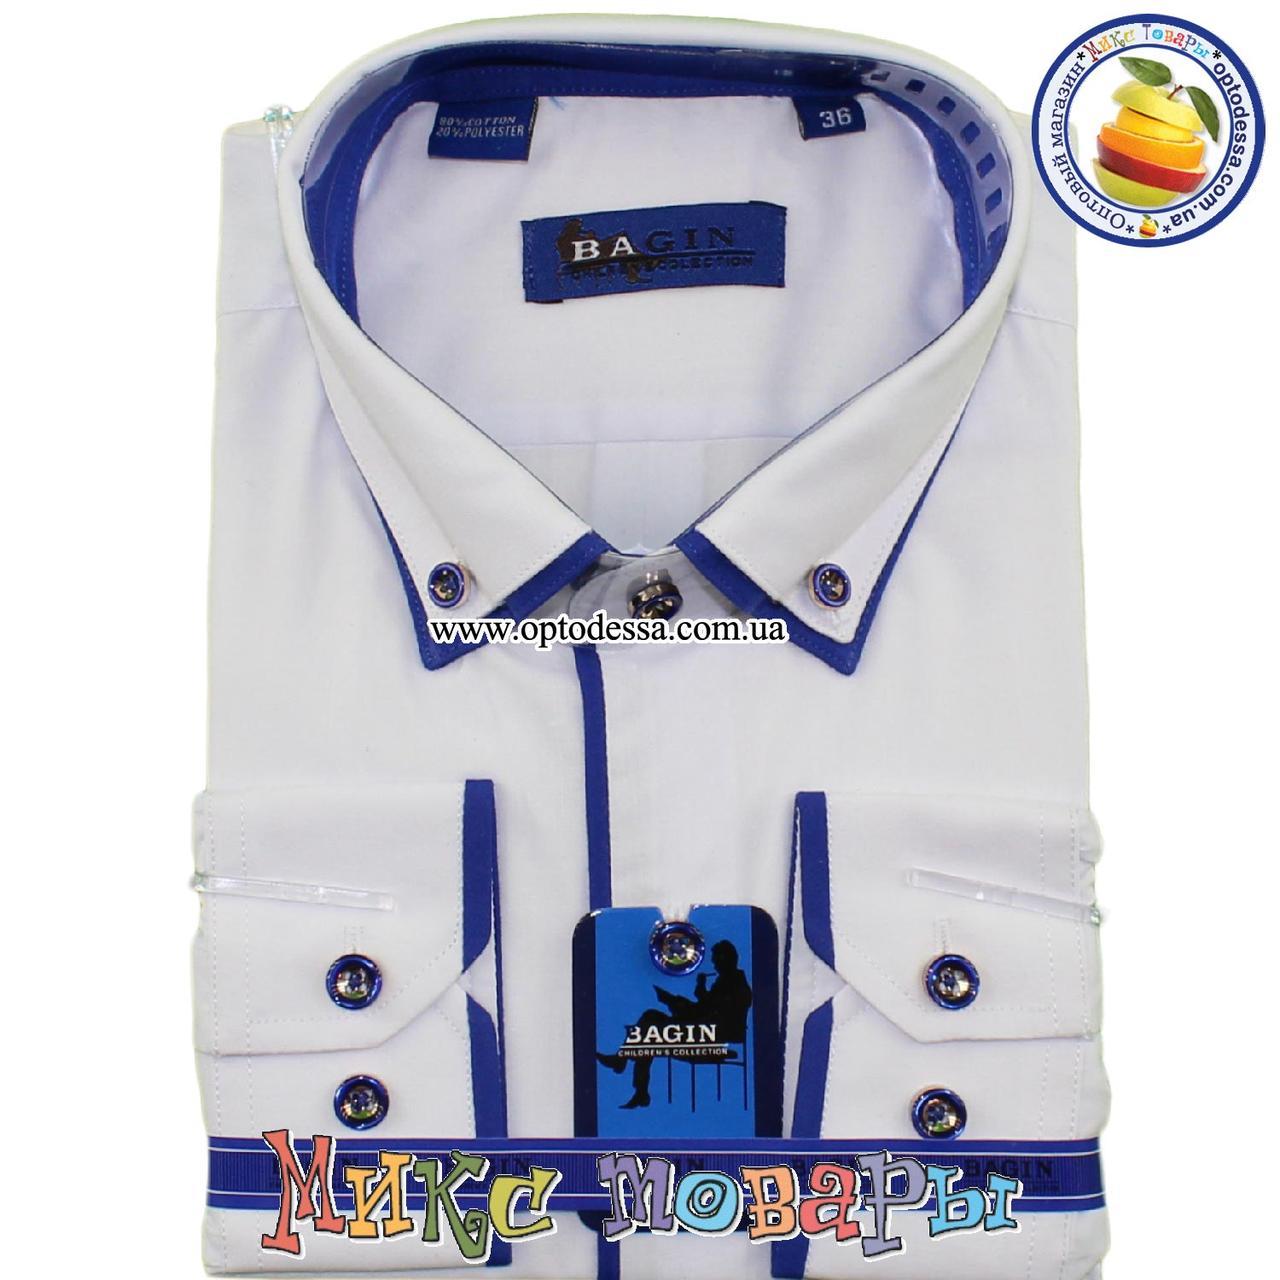 Рубашки белого цвета с длинным рукавом и синей окантовкой (Ворот: 28- 36) (vk88a-1)